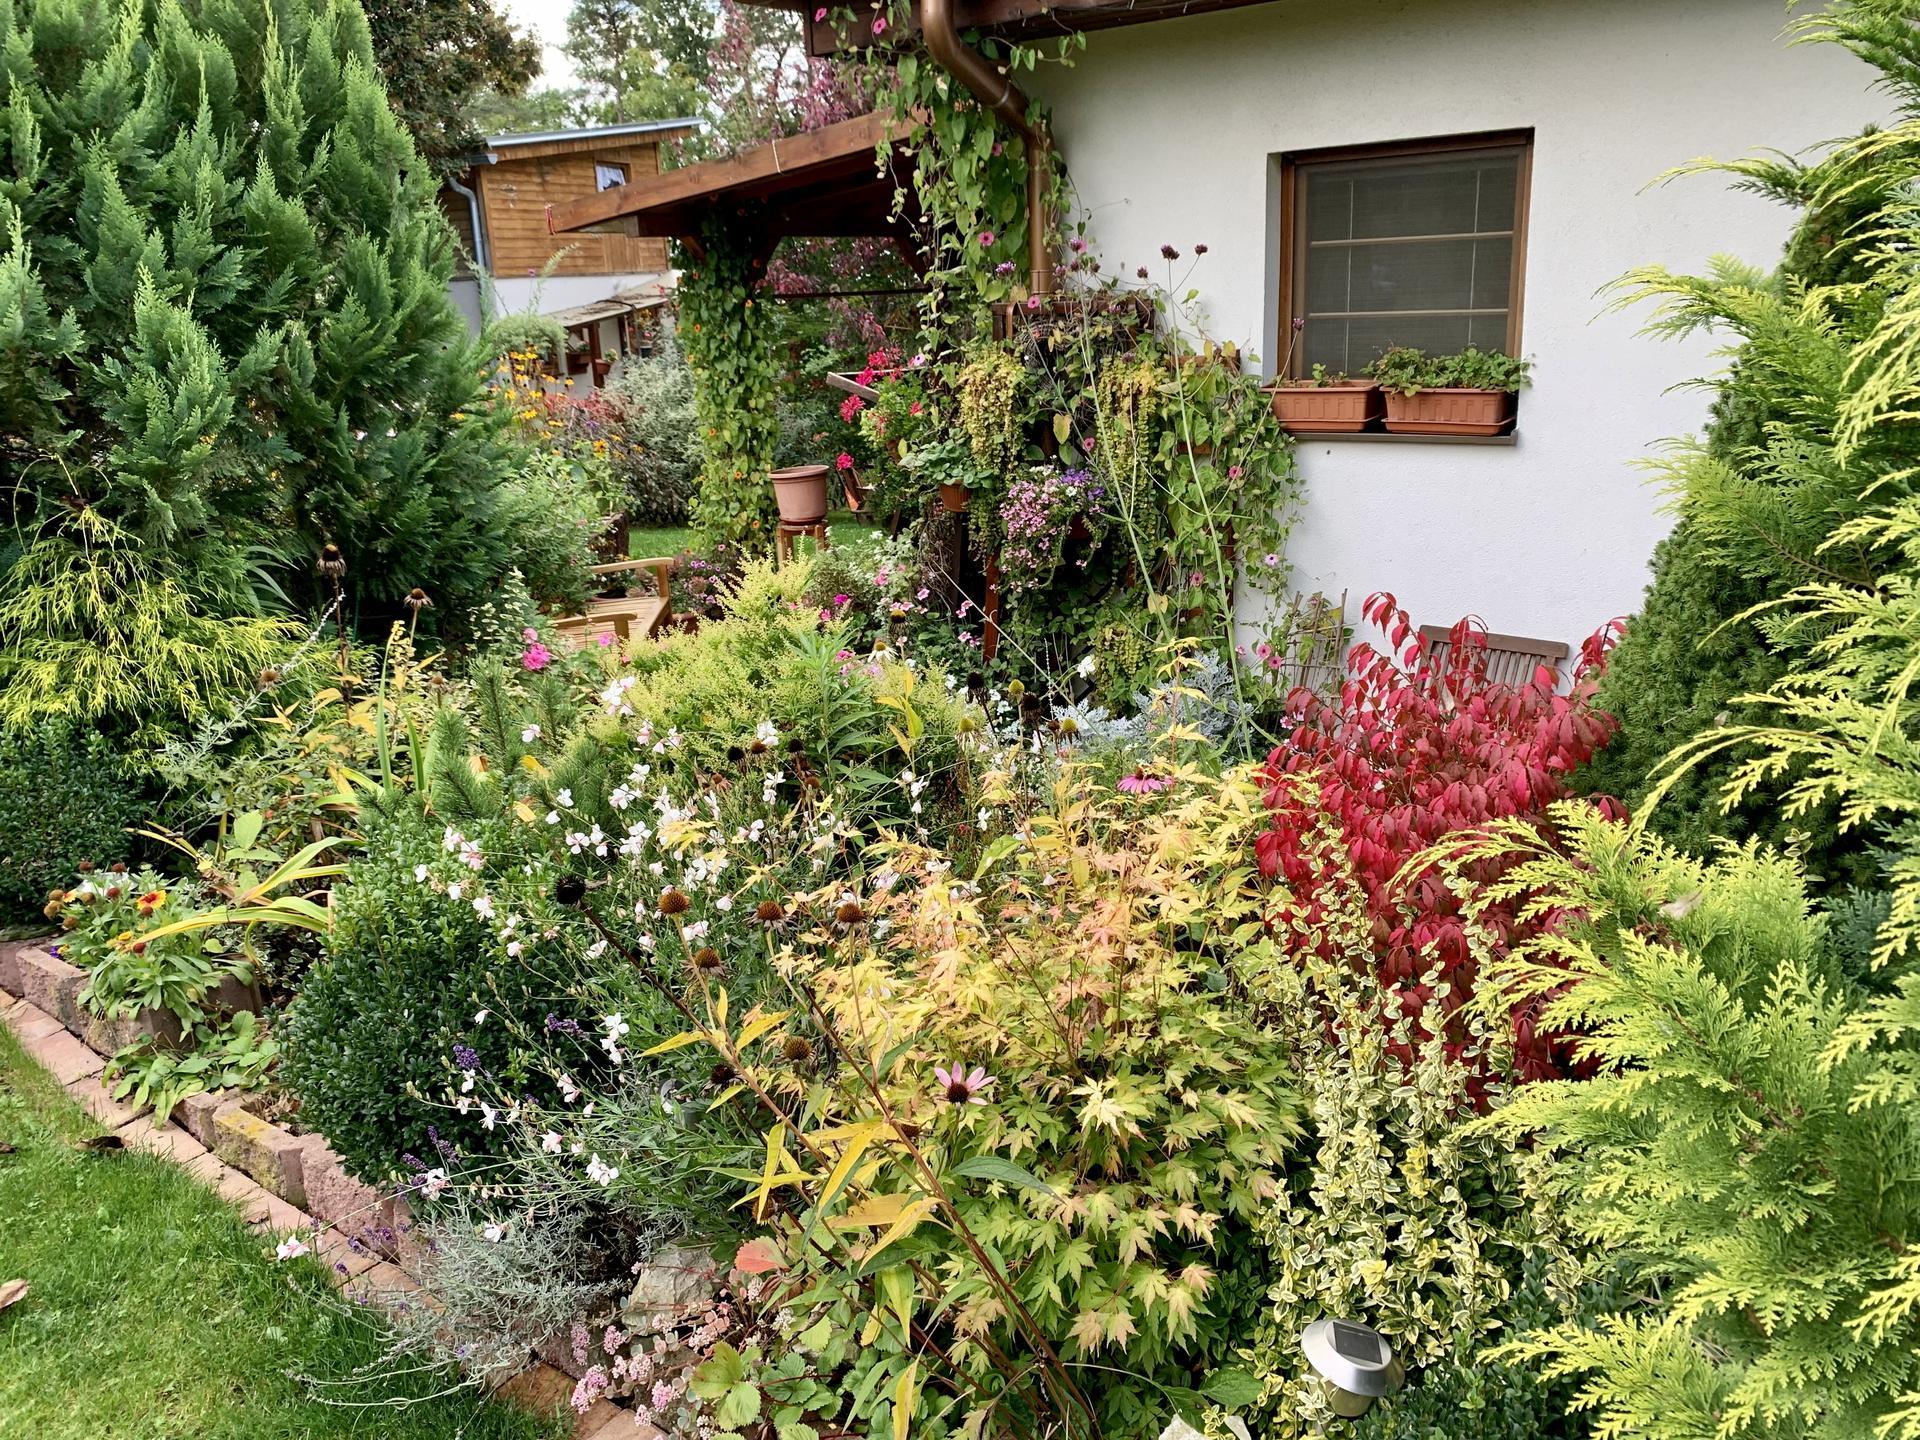 Rána už jsou mrazivá,ale přes den bylo o víkendu krásně a slunečno,tak jsme se vrhli s pomocníkem čtyřnohým na pár těch podzimních truhlíků,složili jsme další dřevo a ostříhali valnou část předzahrádky a zahrady před zimou…většina letniček stále kvete a zahrada se barví i do podzimních barev…všem hezký podzim😊 - Obrázek č. 1